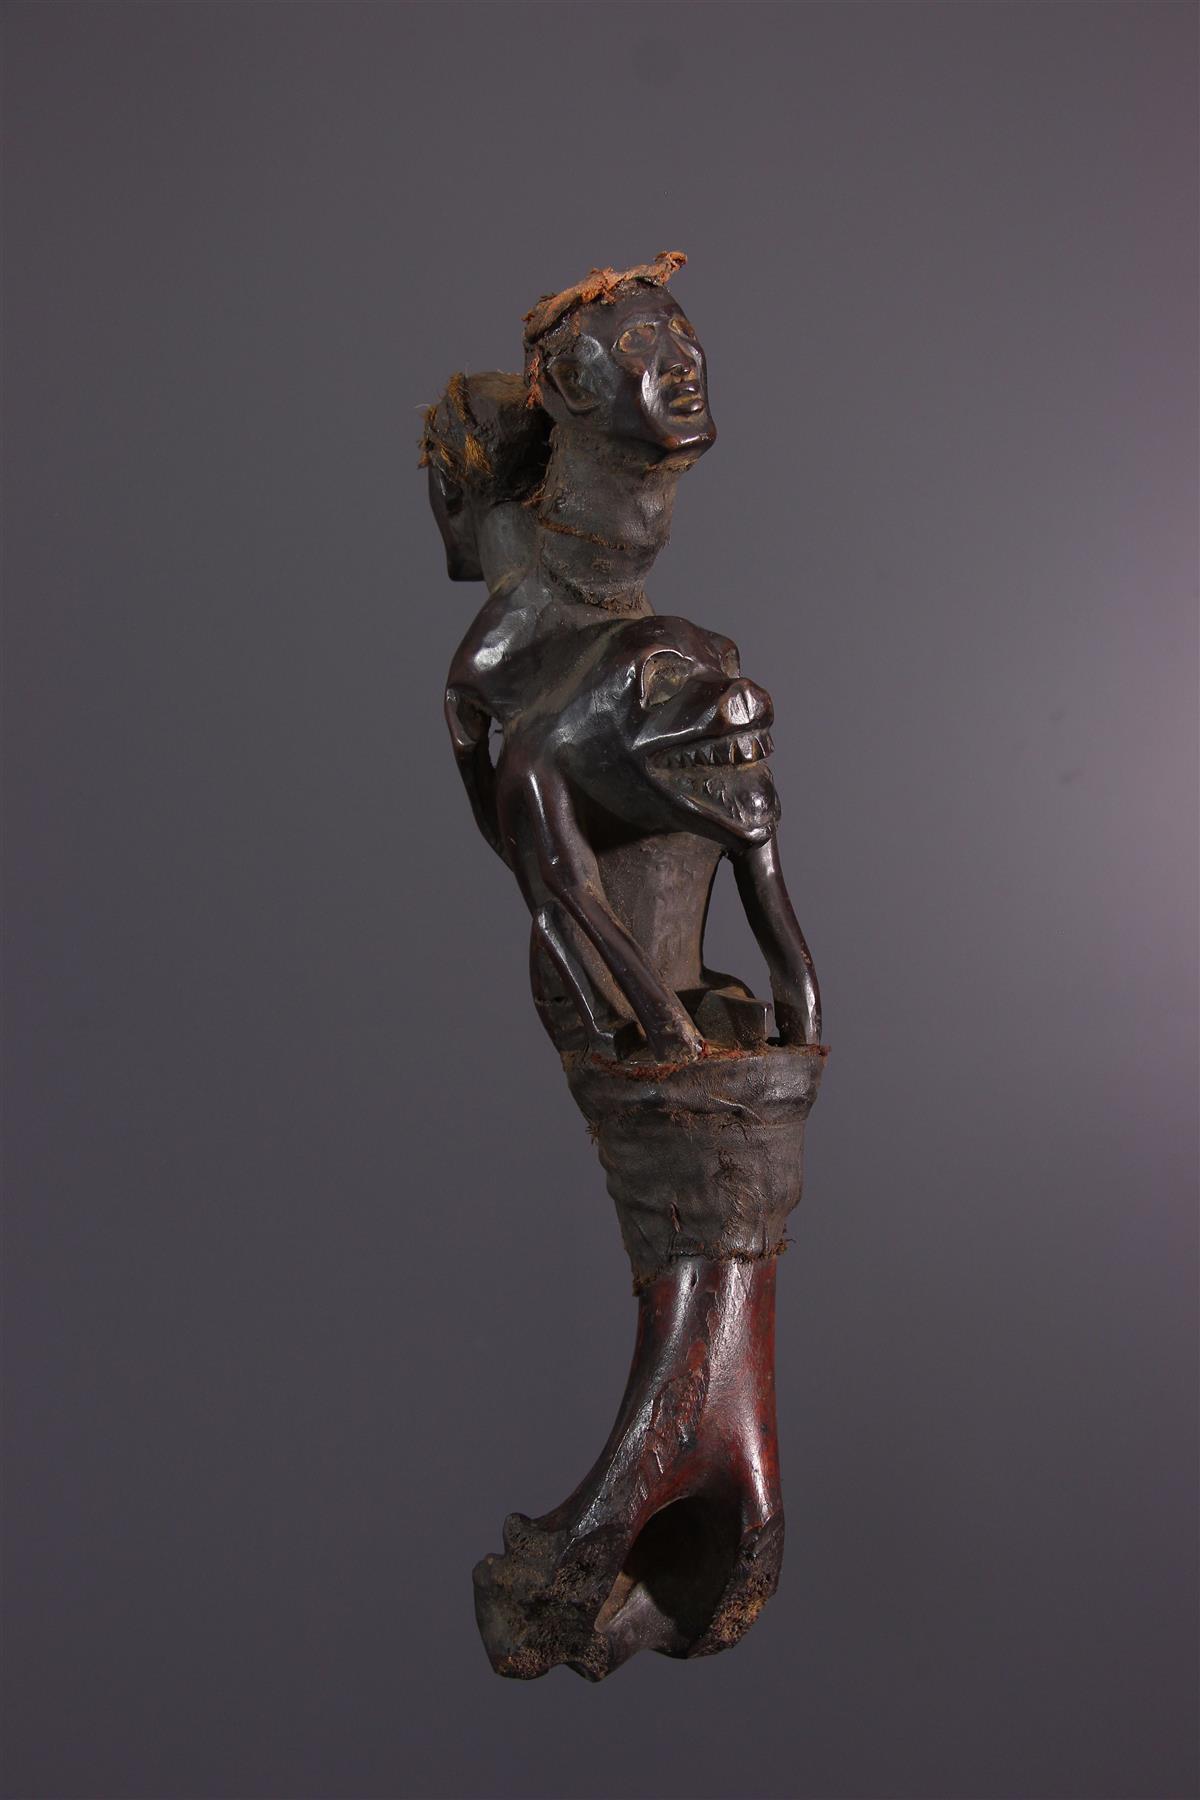 Kongo Badge - African art